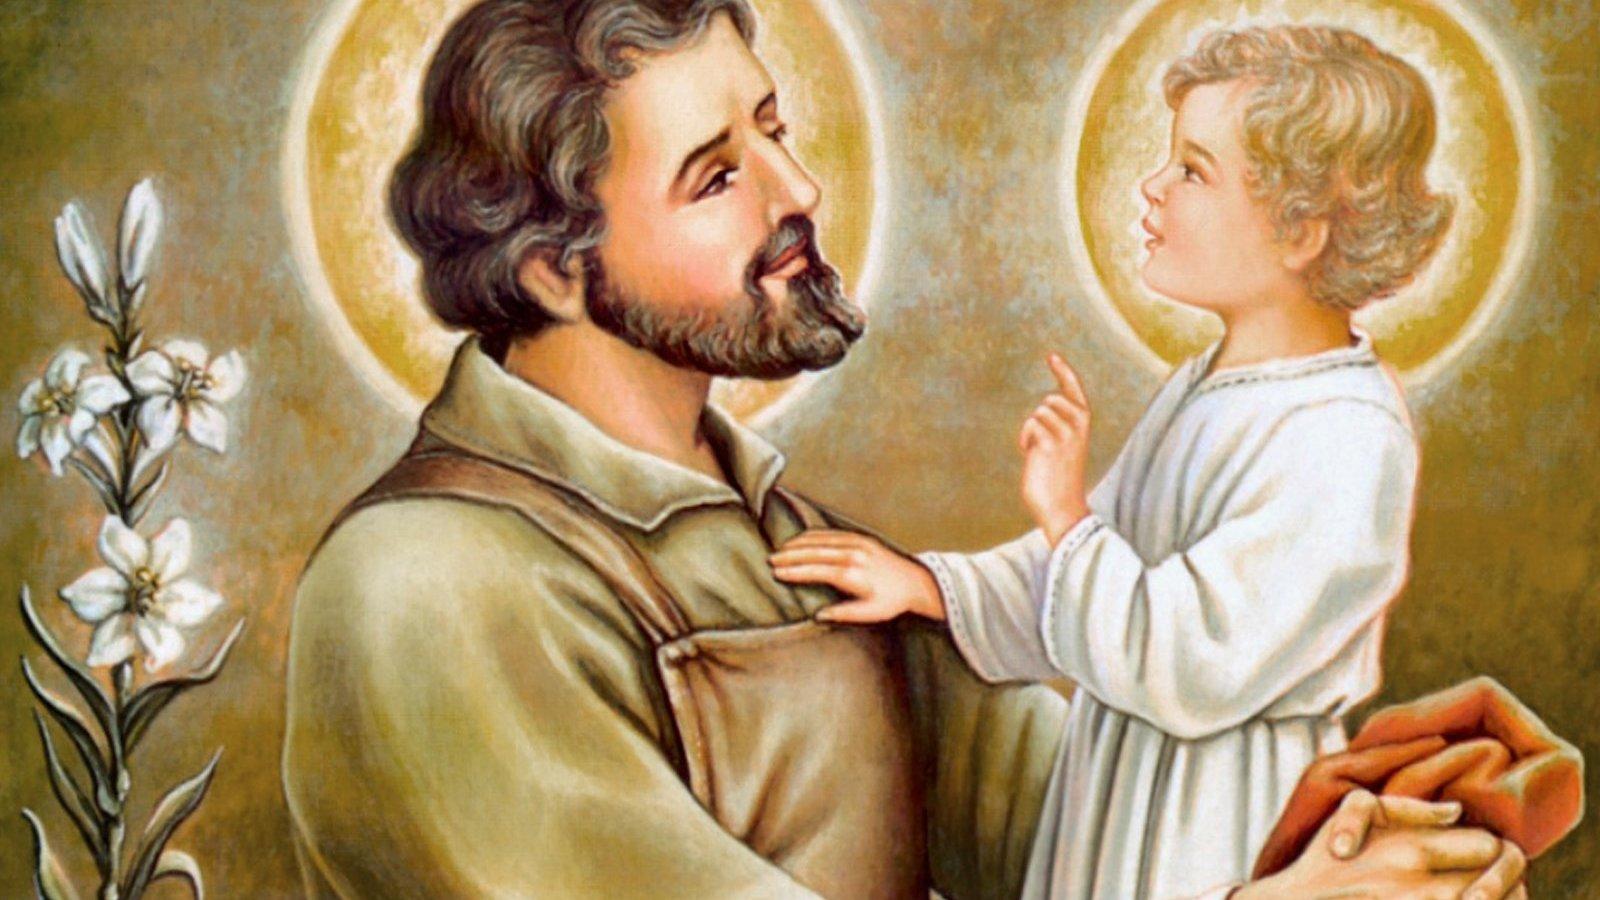 Pintura de São José segurando Jesus criança